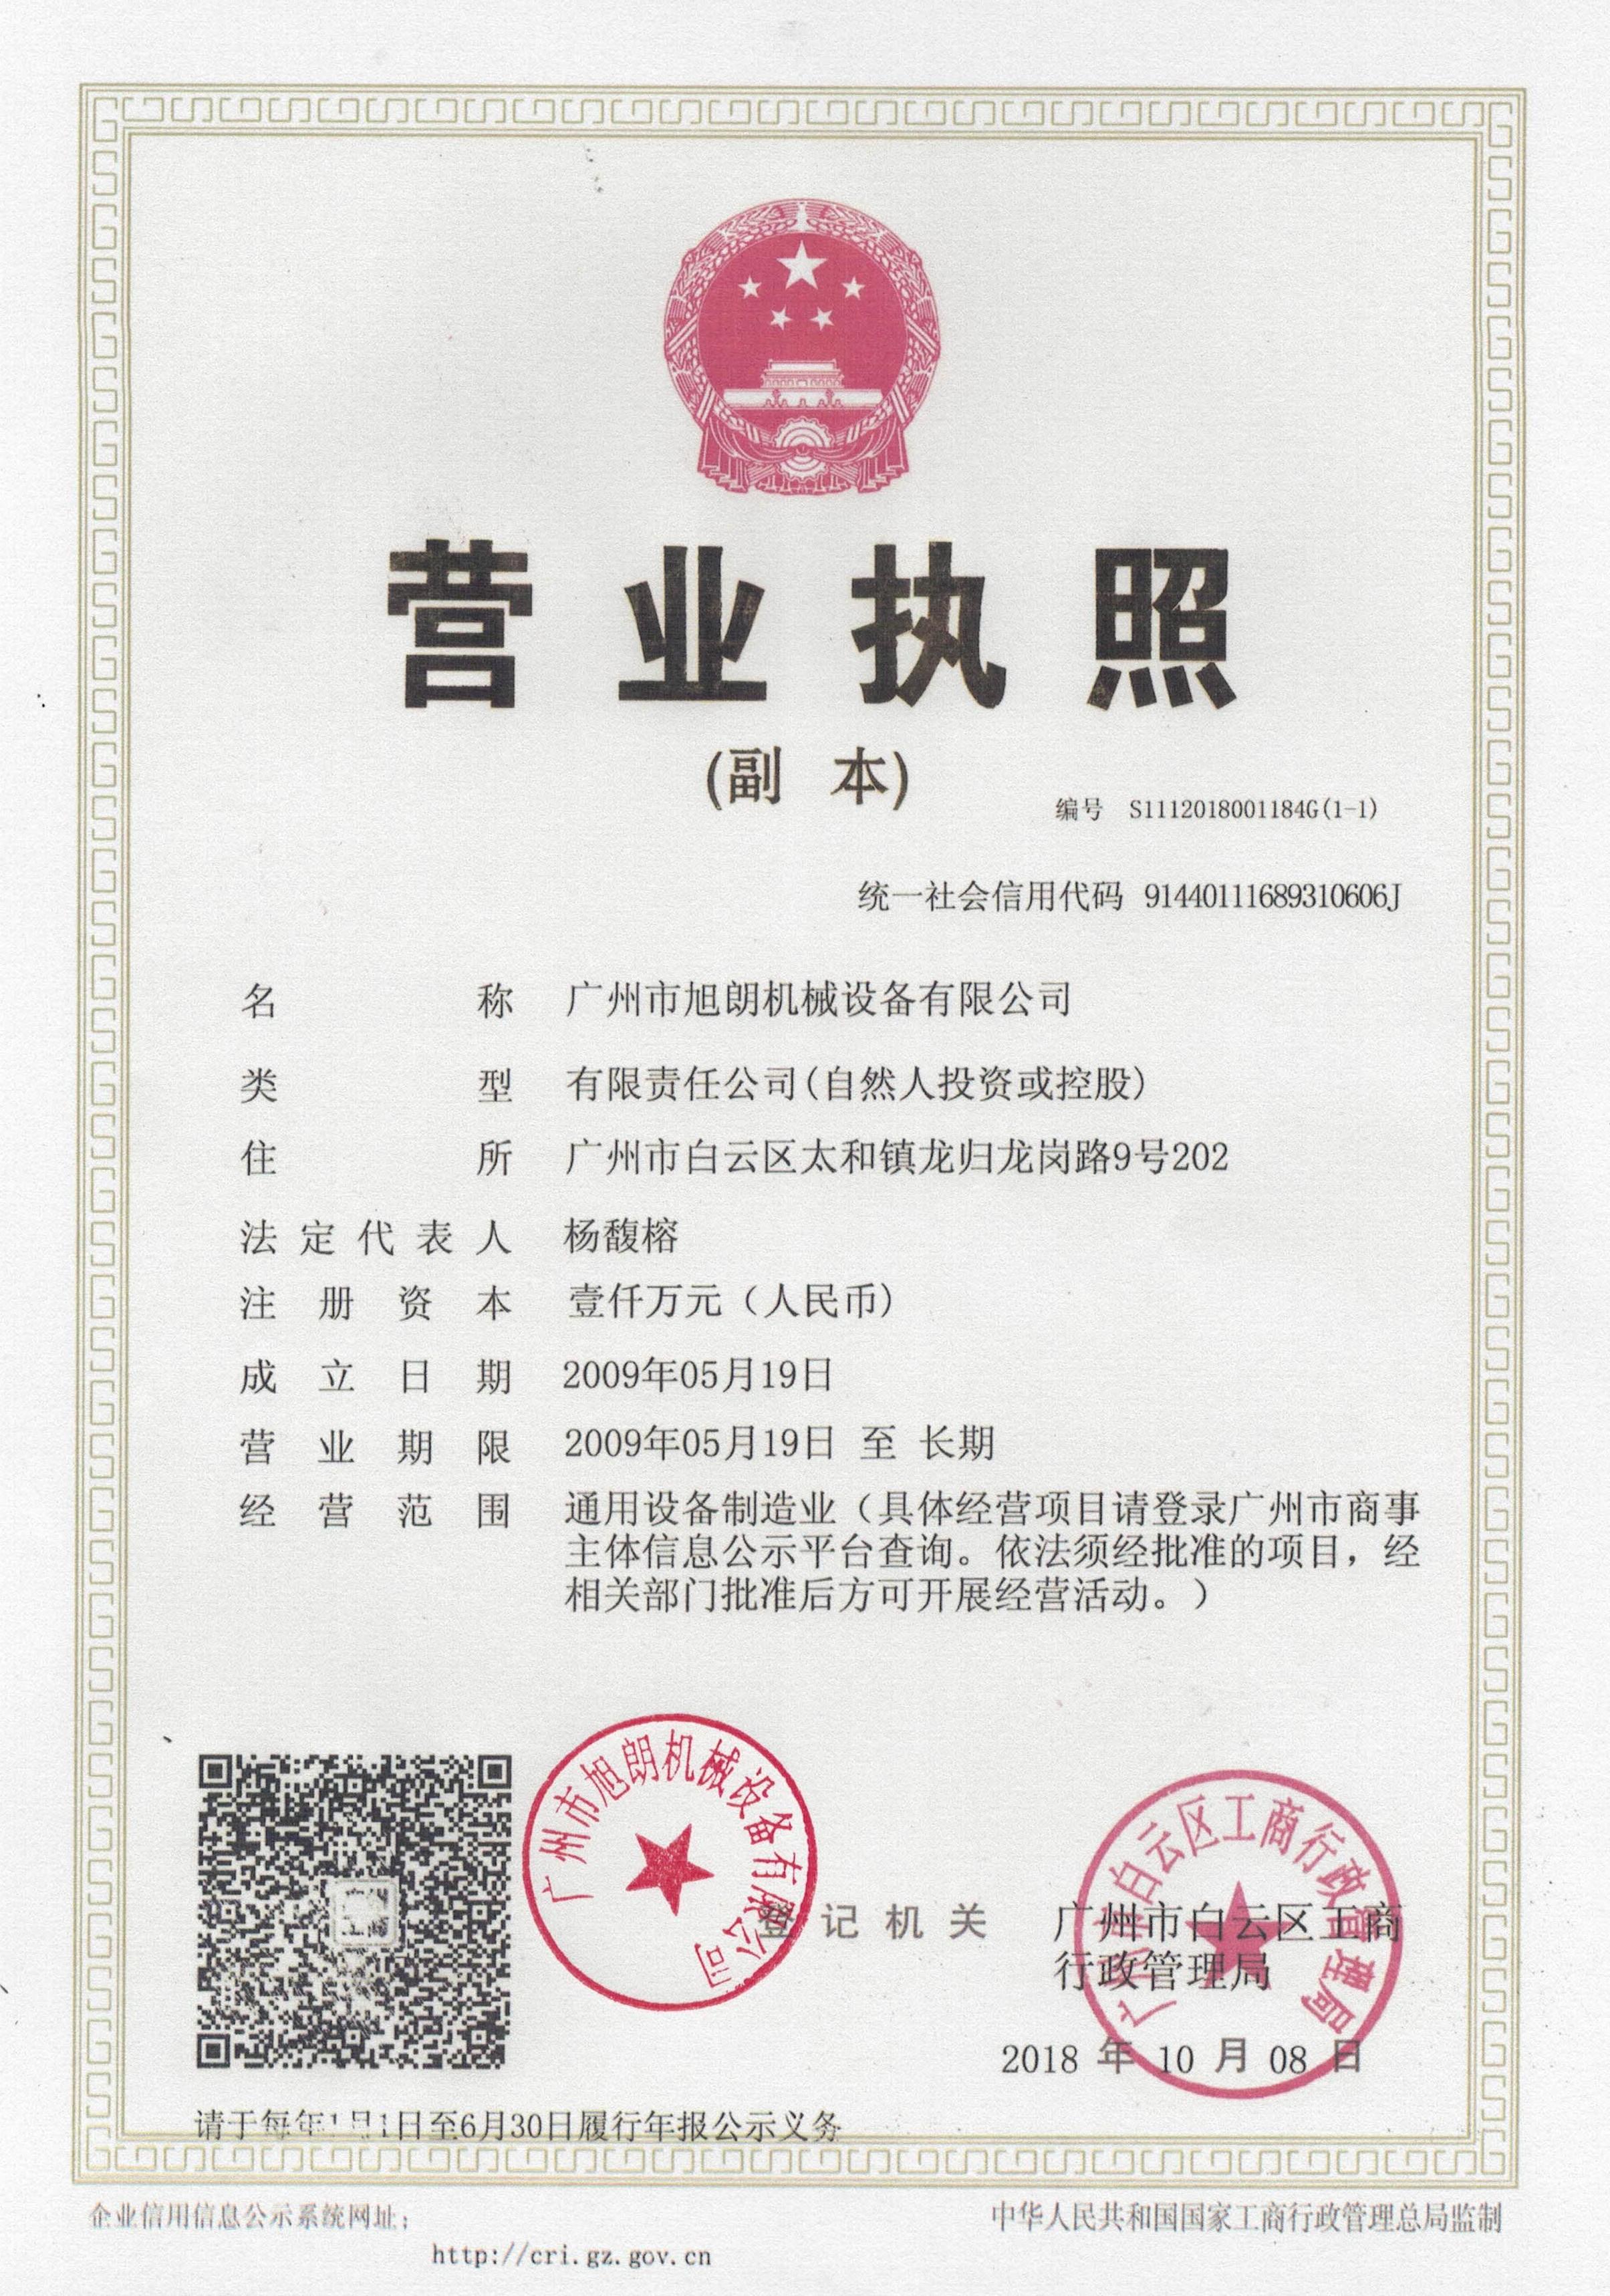 广州市旭朗机械设备有限公司企业档案